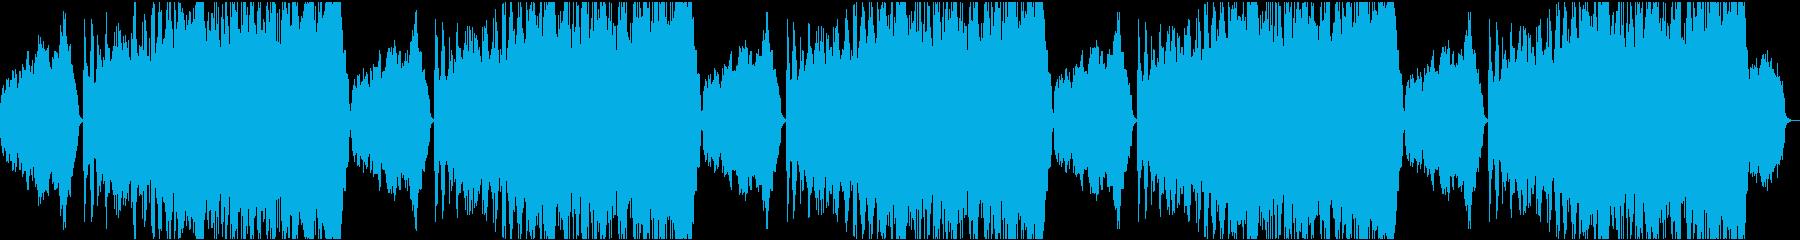 企業VP1 14分 16bit48kHzの再生済みの波形